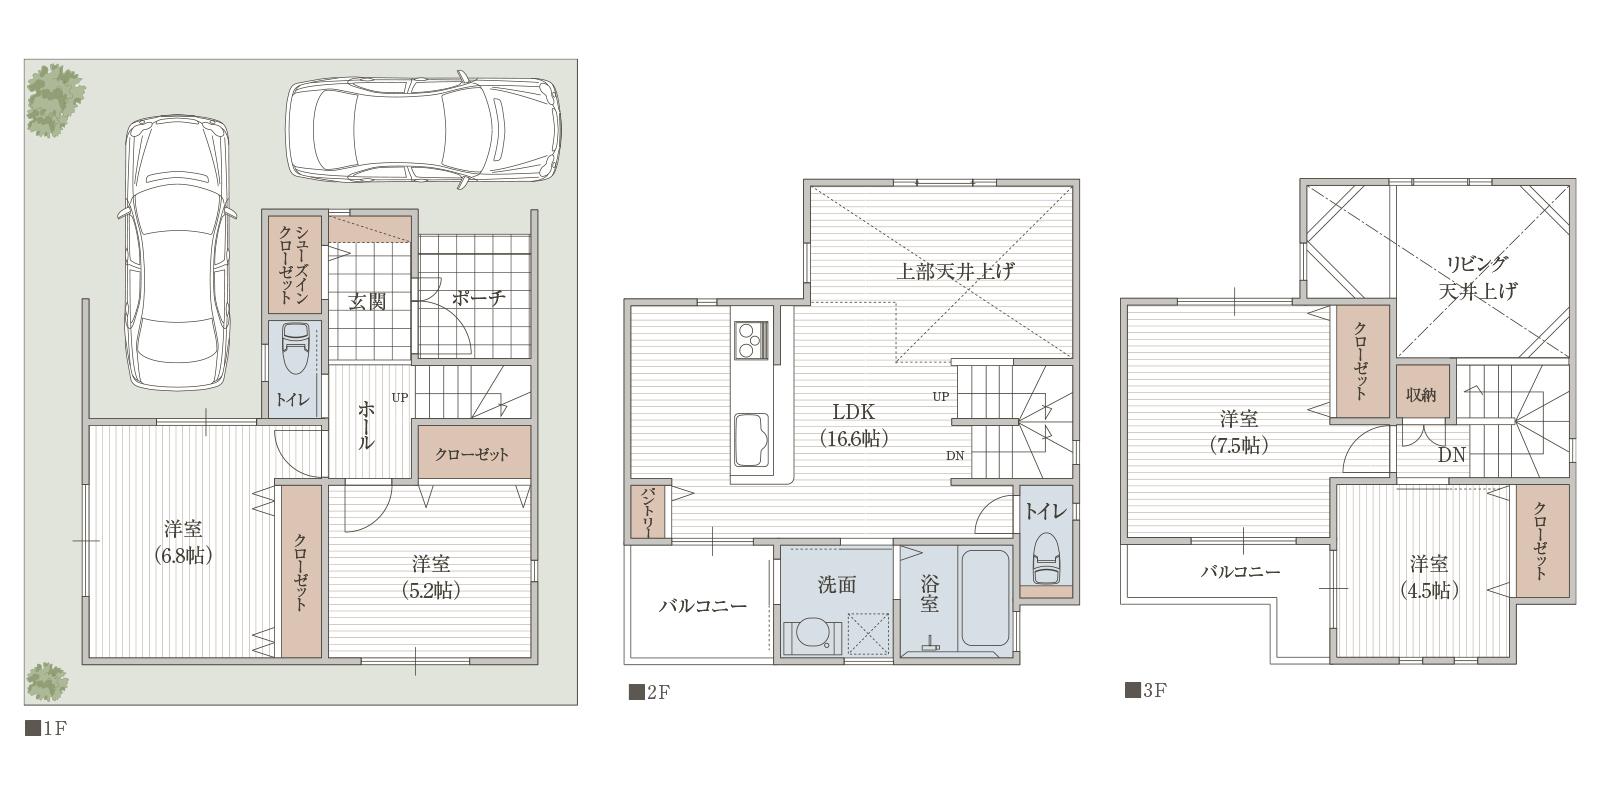 23坪の敷地に100㎡超の居住空間